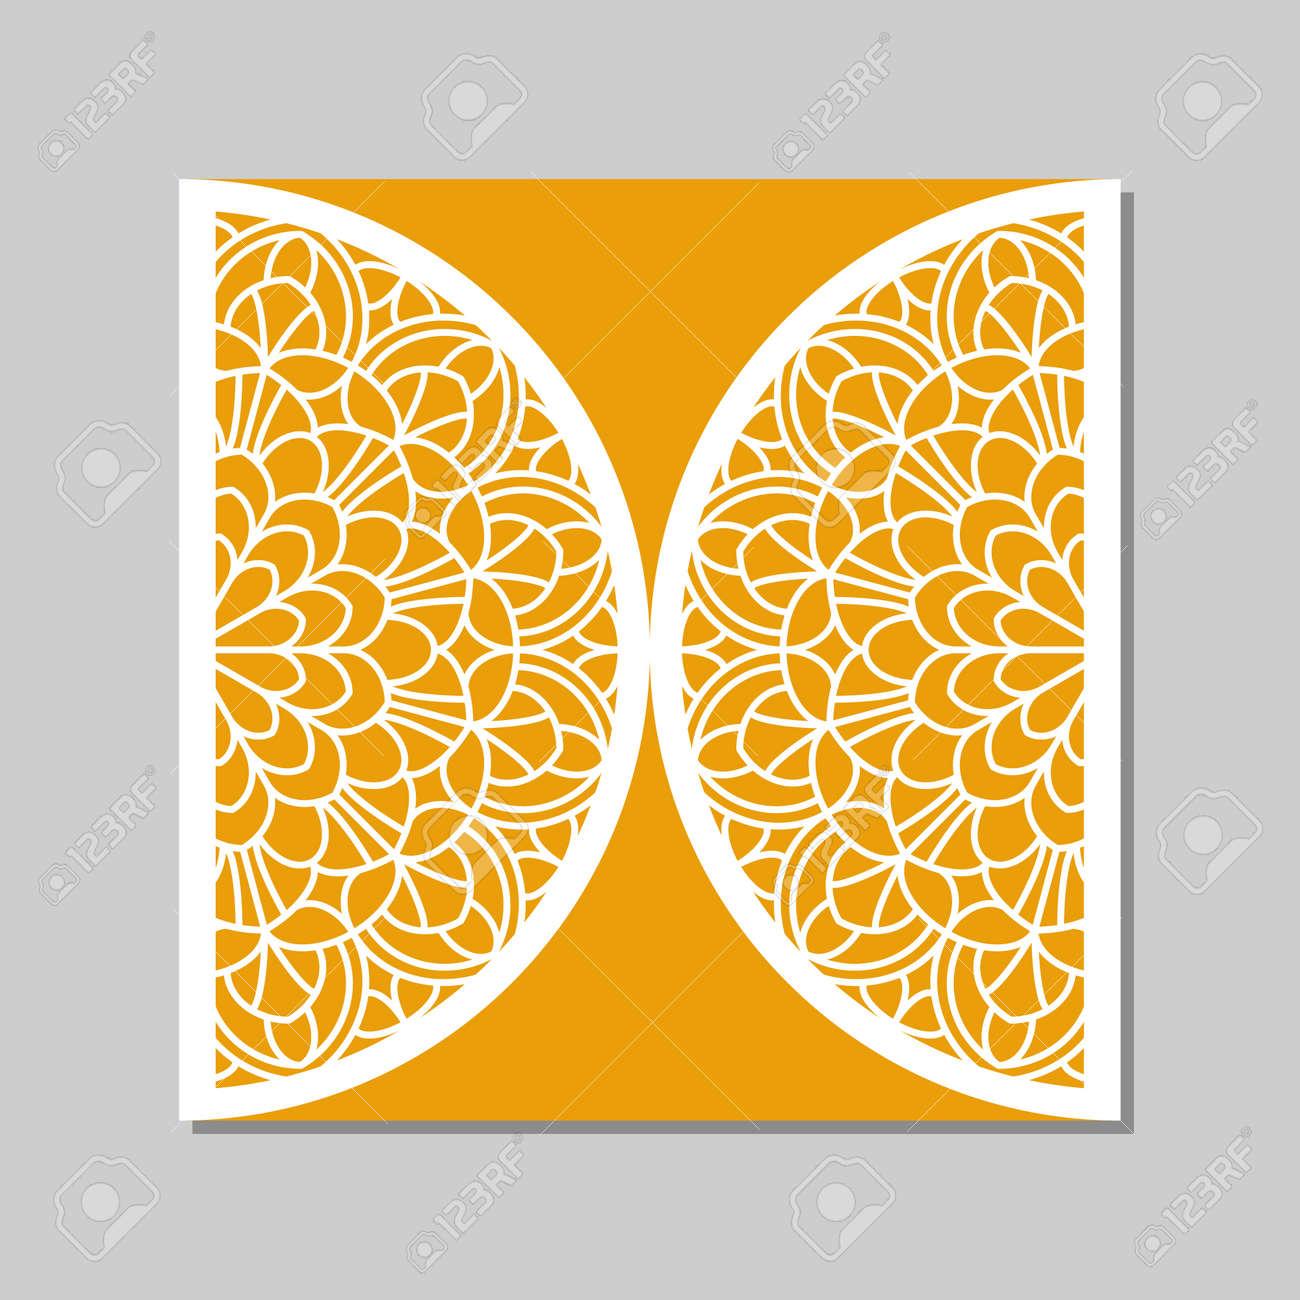 Einladung Zur Hochzeit Oder Grußkarte Mit Mandala Spitze Ornament. Die  Geschnittenen Papier Spitze Umschlag Vorlage